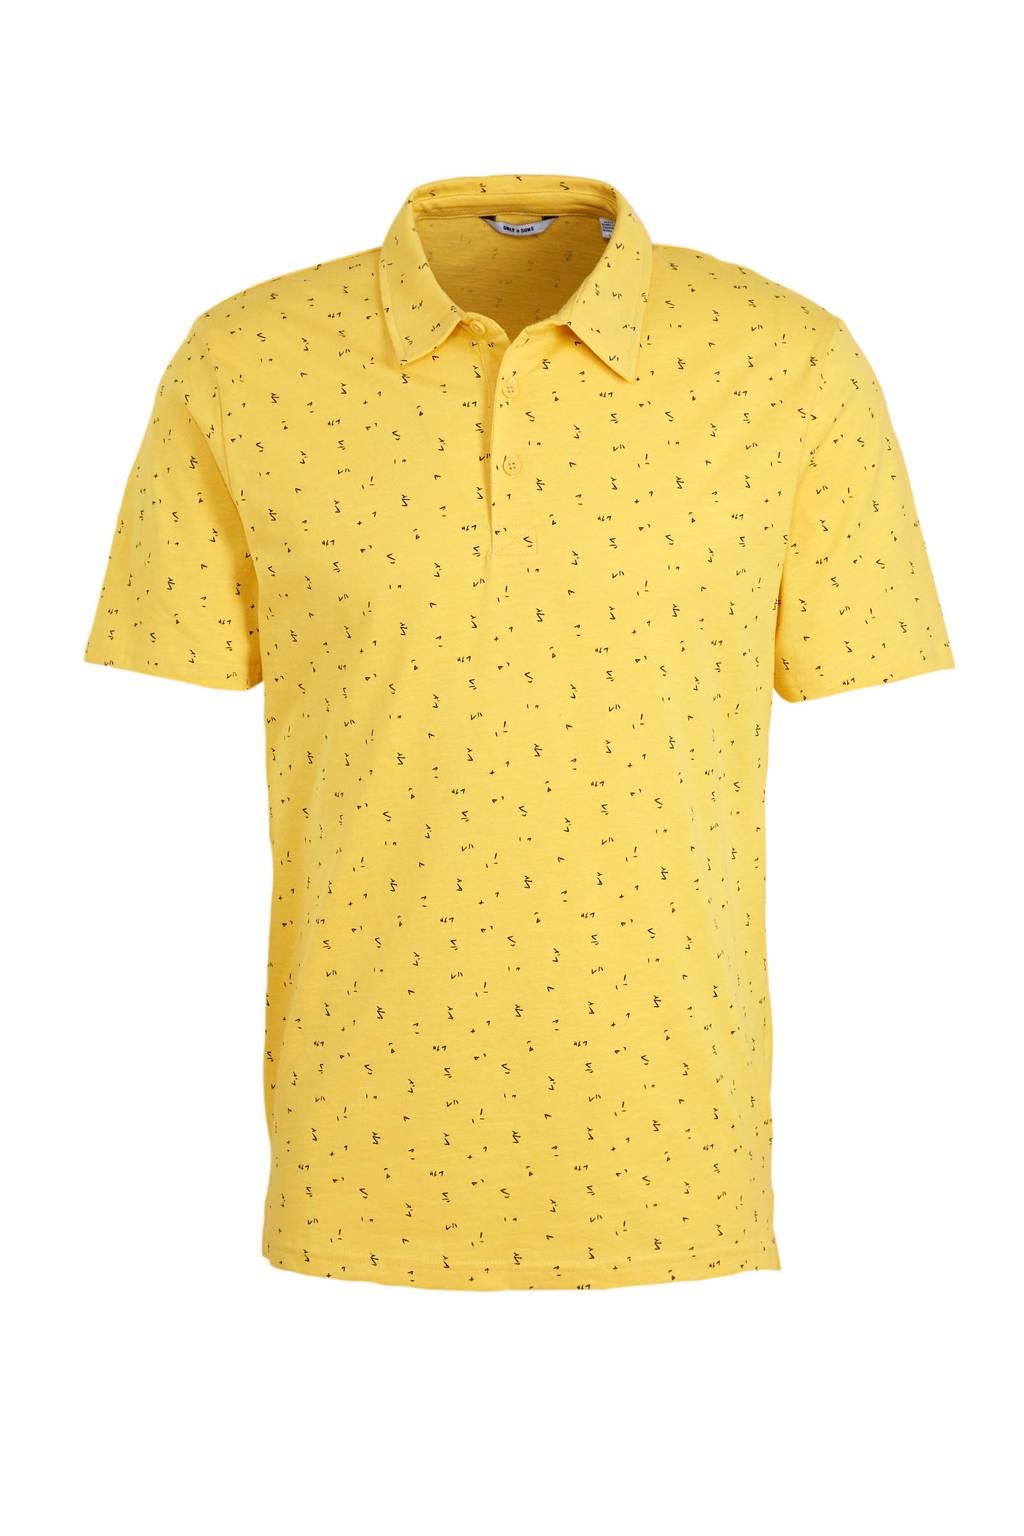 ONLY & SONS regular fit polo met all over print geel/zwart, Geel/zwart